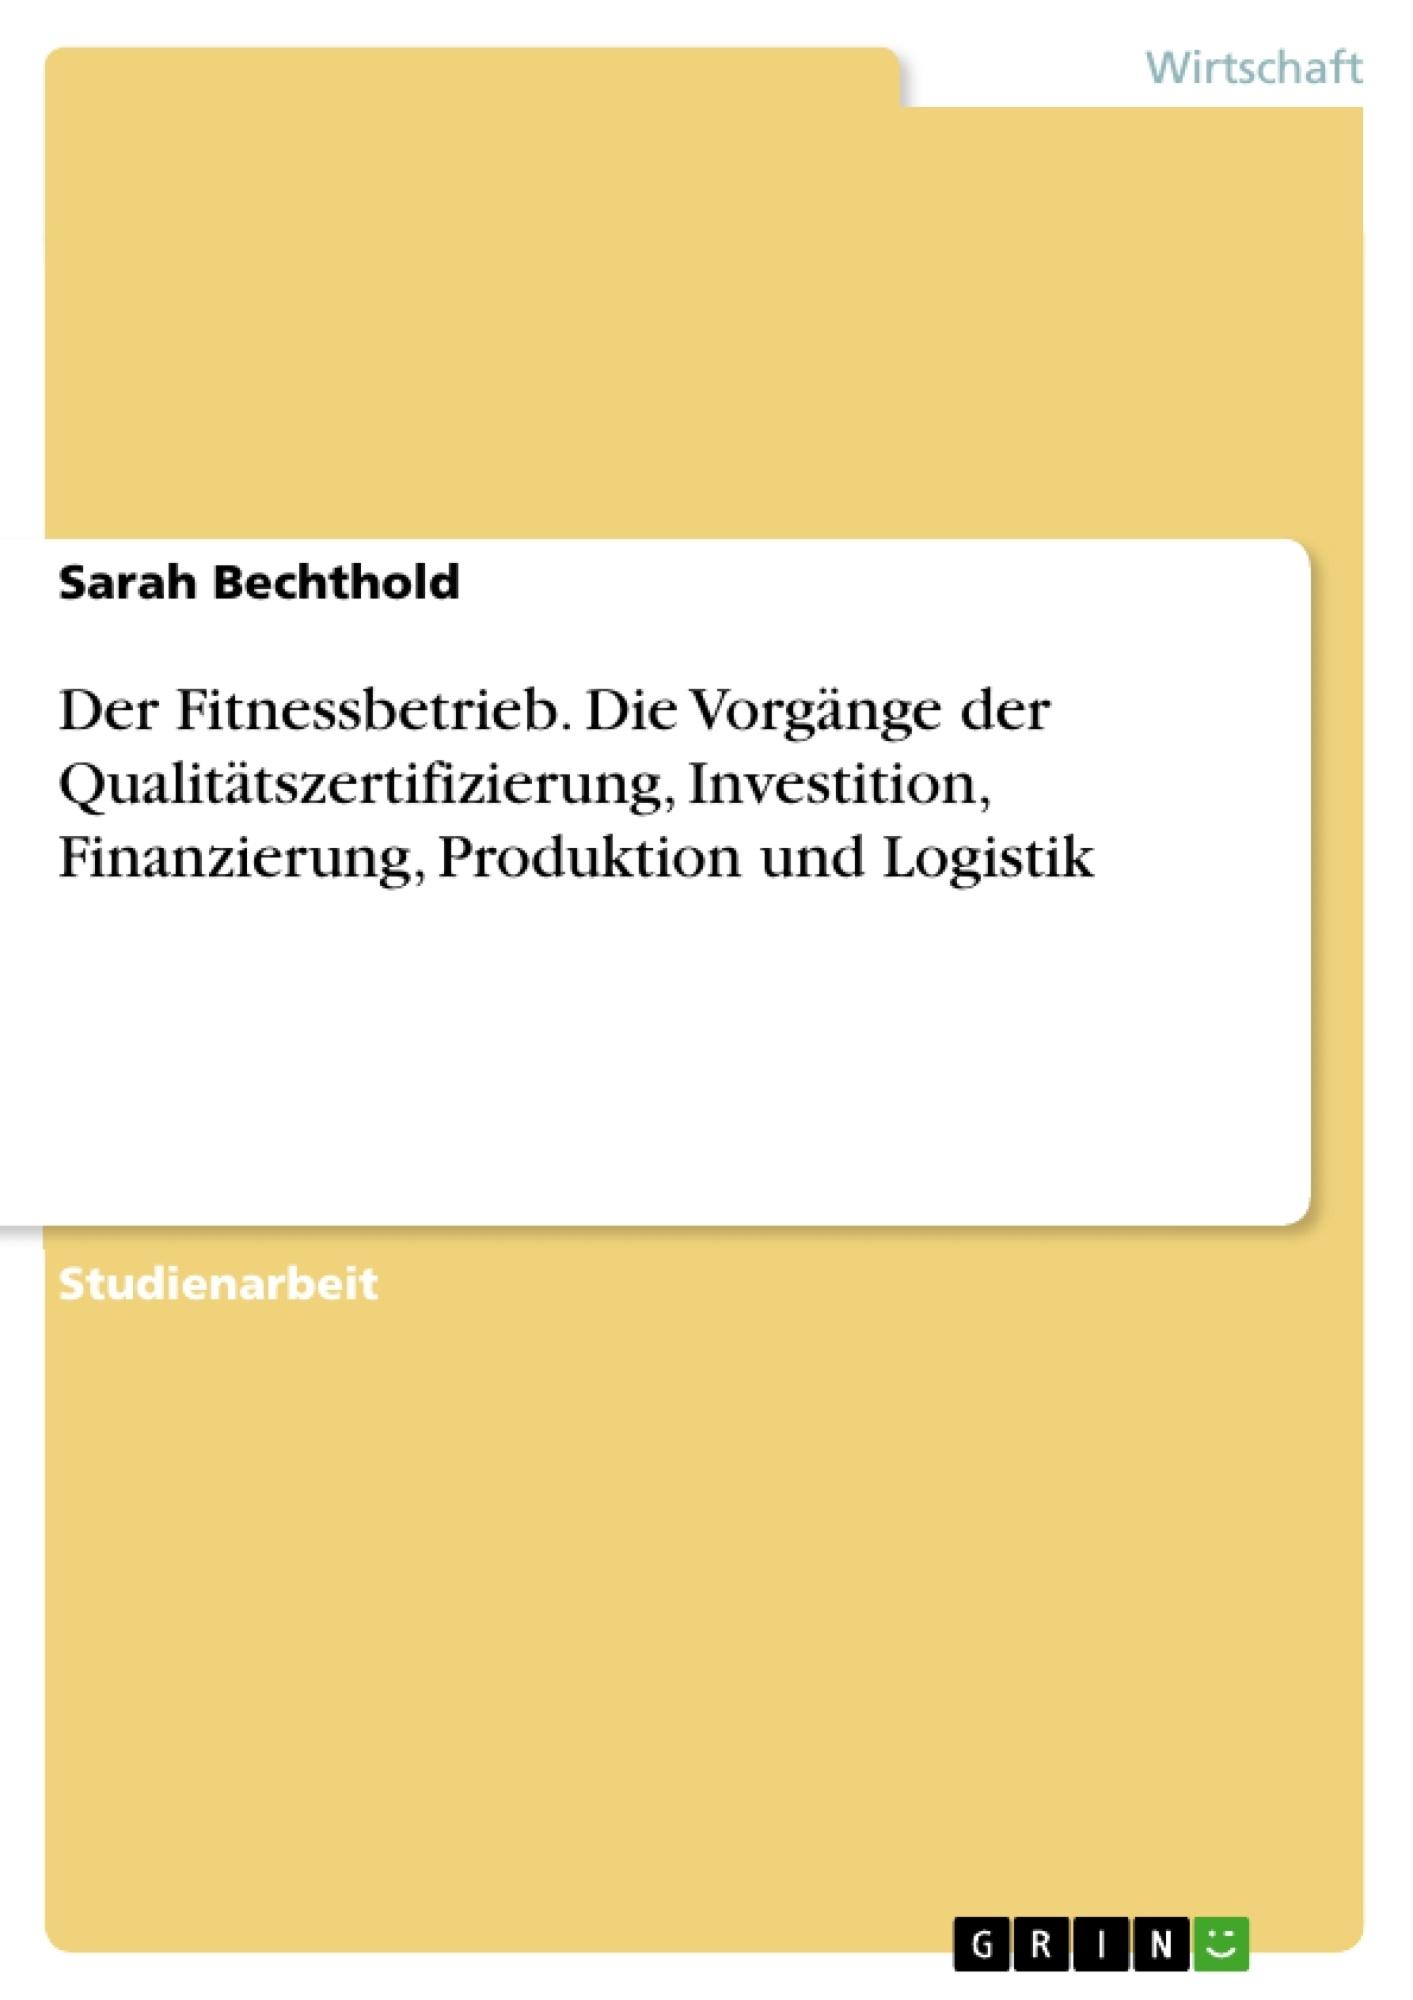 Titel: Der Fitnessbetrieb. Die Vorgänge der Qualitätszertifizierung, Investition, Finanzierung, Produktion und Logistik